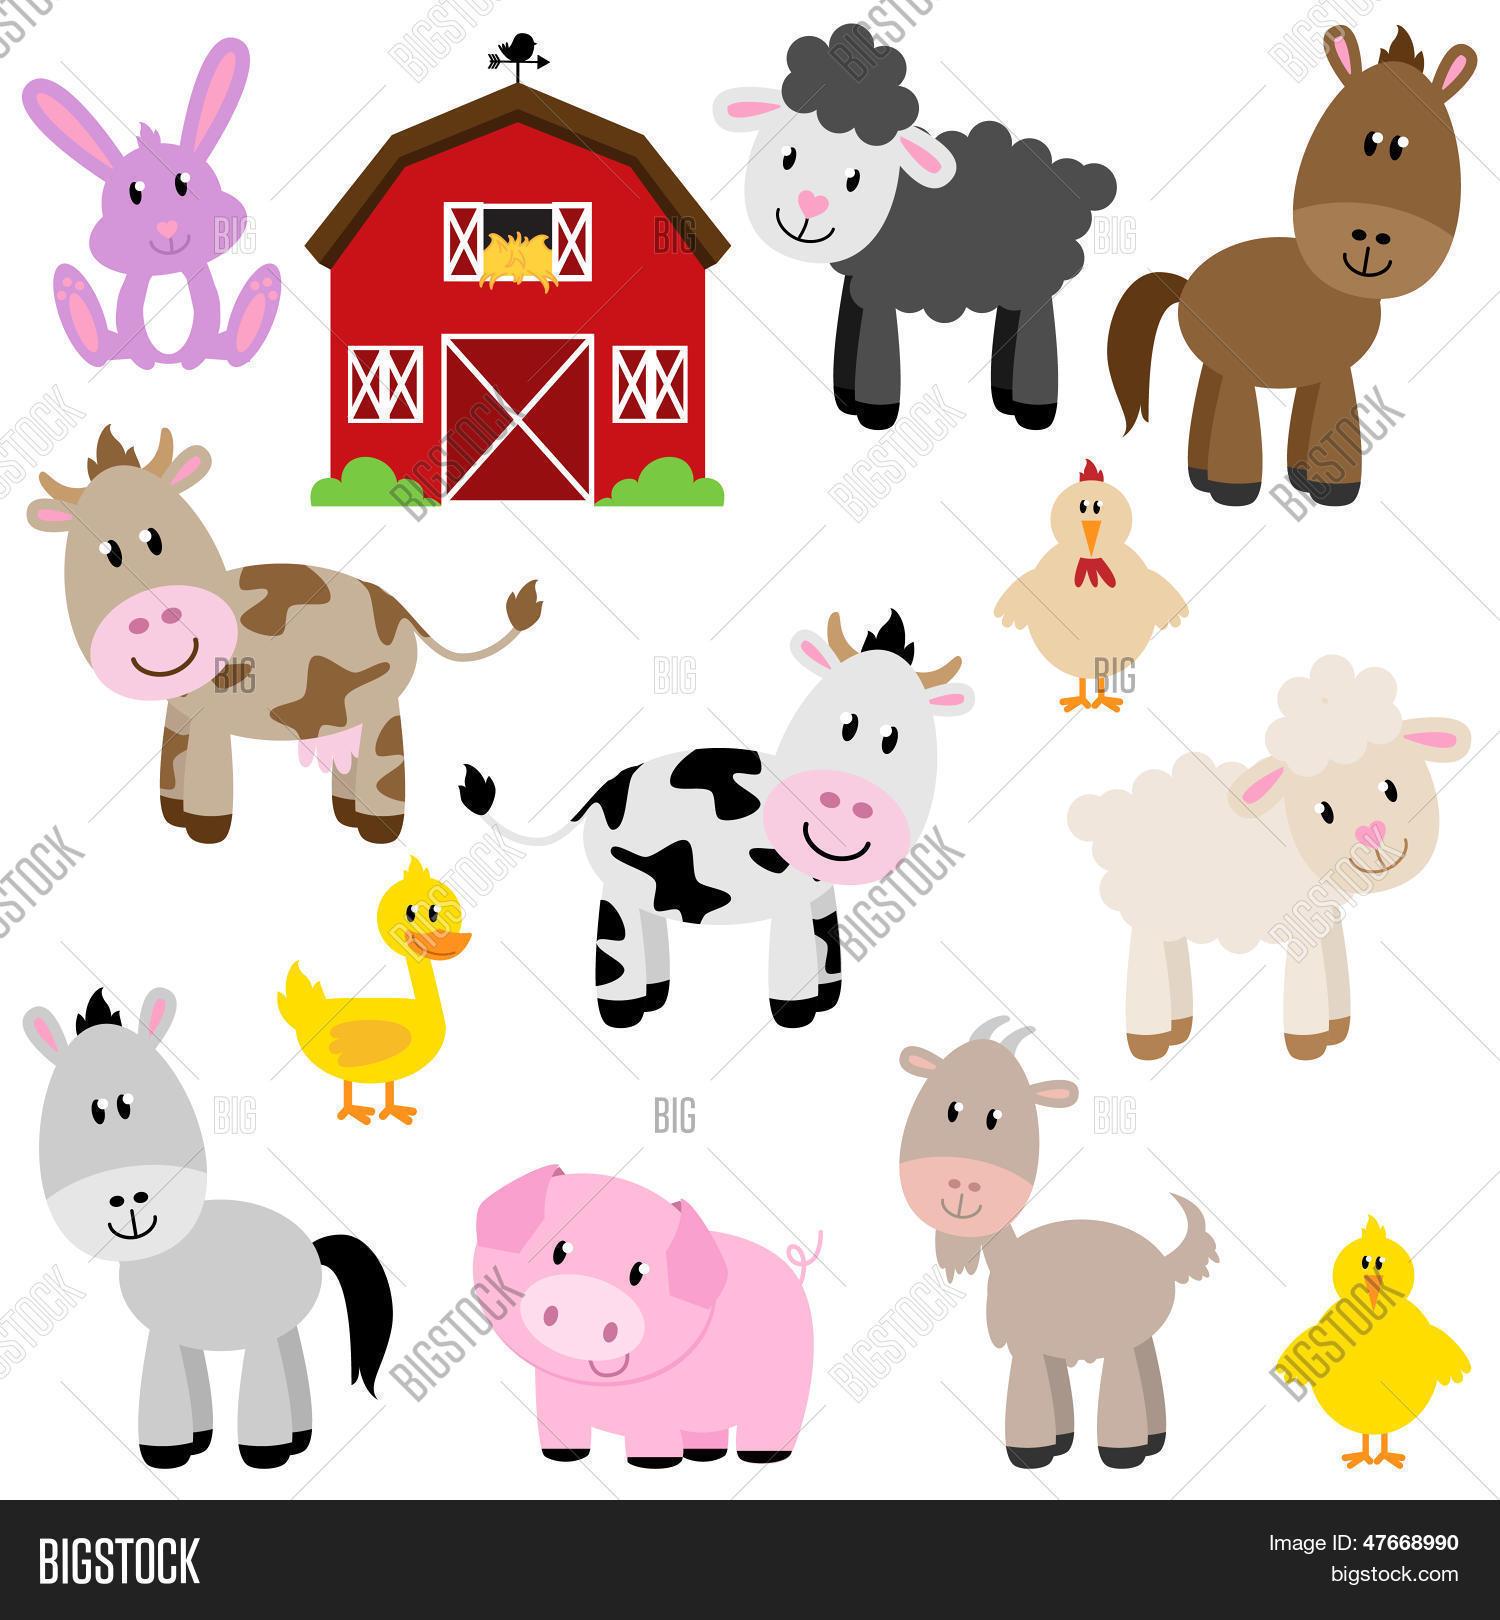 Vector Collection Cute Cartoon Vector & Photo | Bigstock